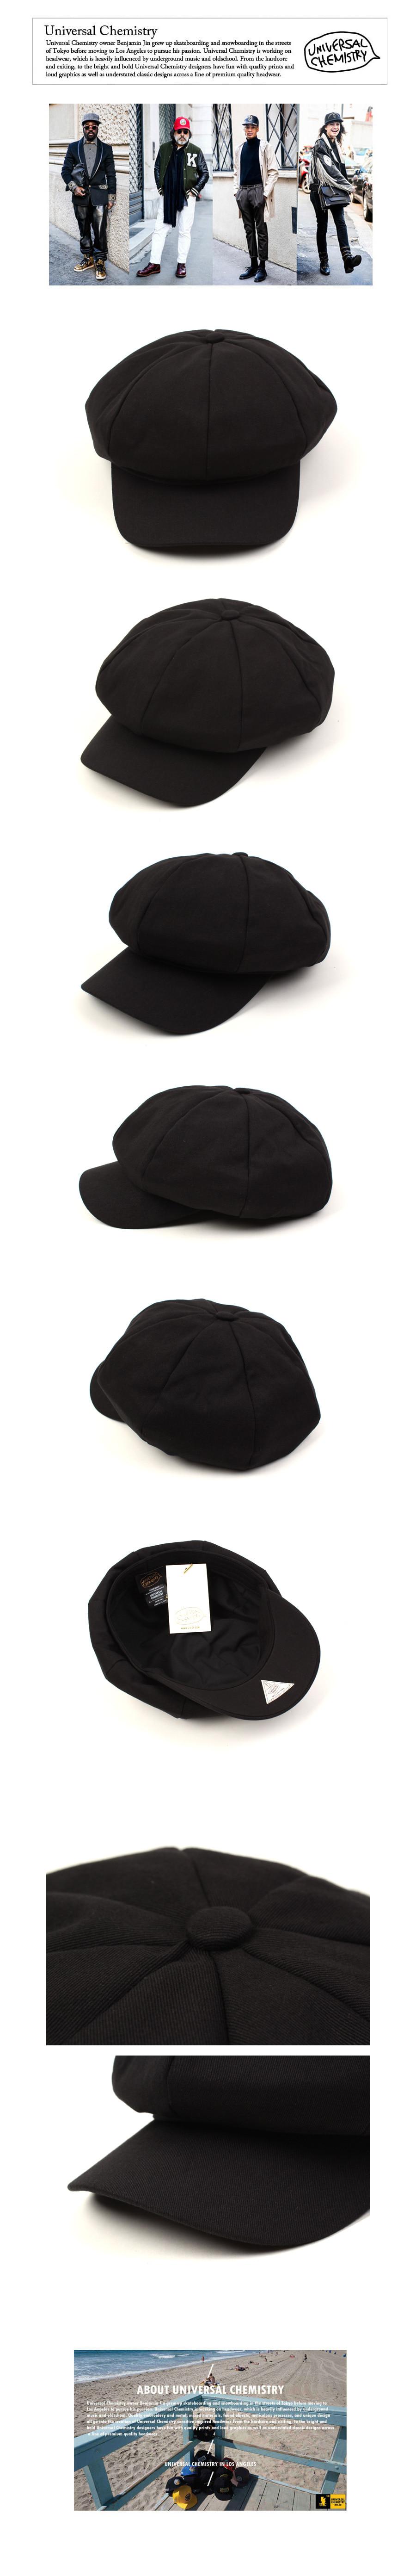 유니버셜 케미스트리(UNIVERSAL CHEMISTRY) Black Newsboy Cap 뉴스보이캡